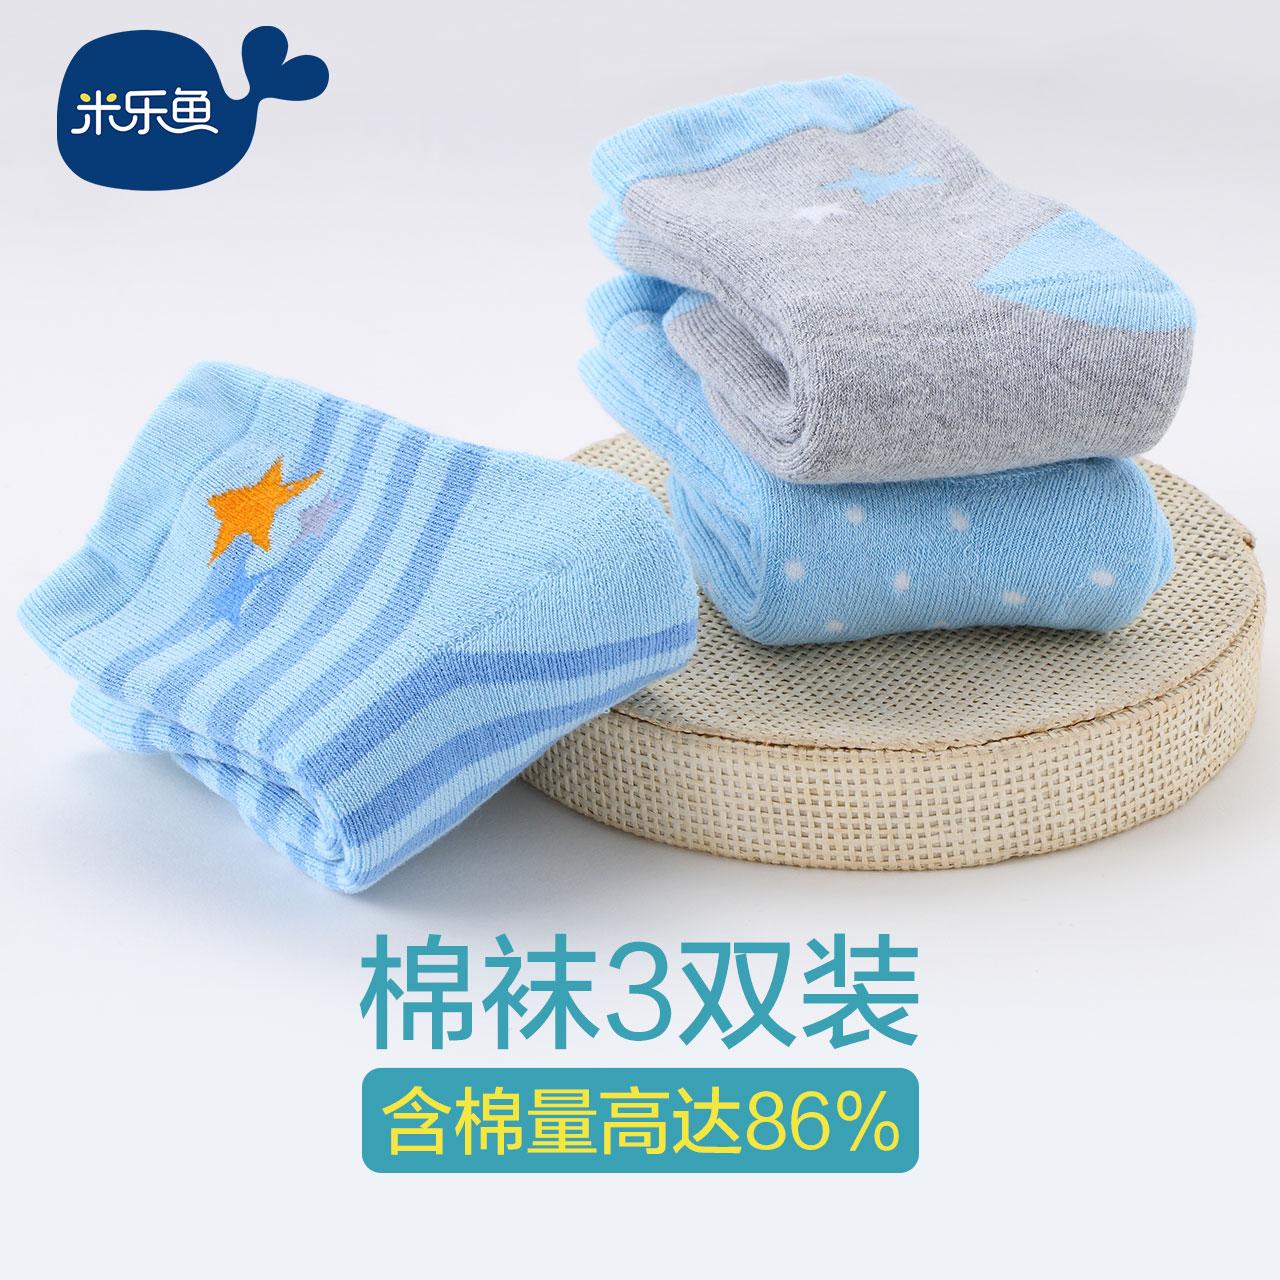 米乐鱼新生婴儿袜子冬季宝宝加厚中筒保暖儿童棉袜男女童袜3双装